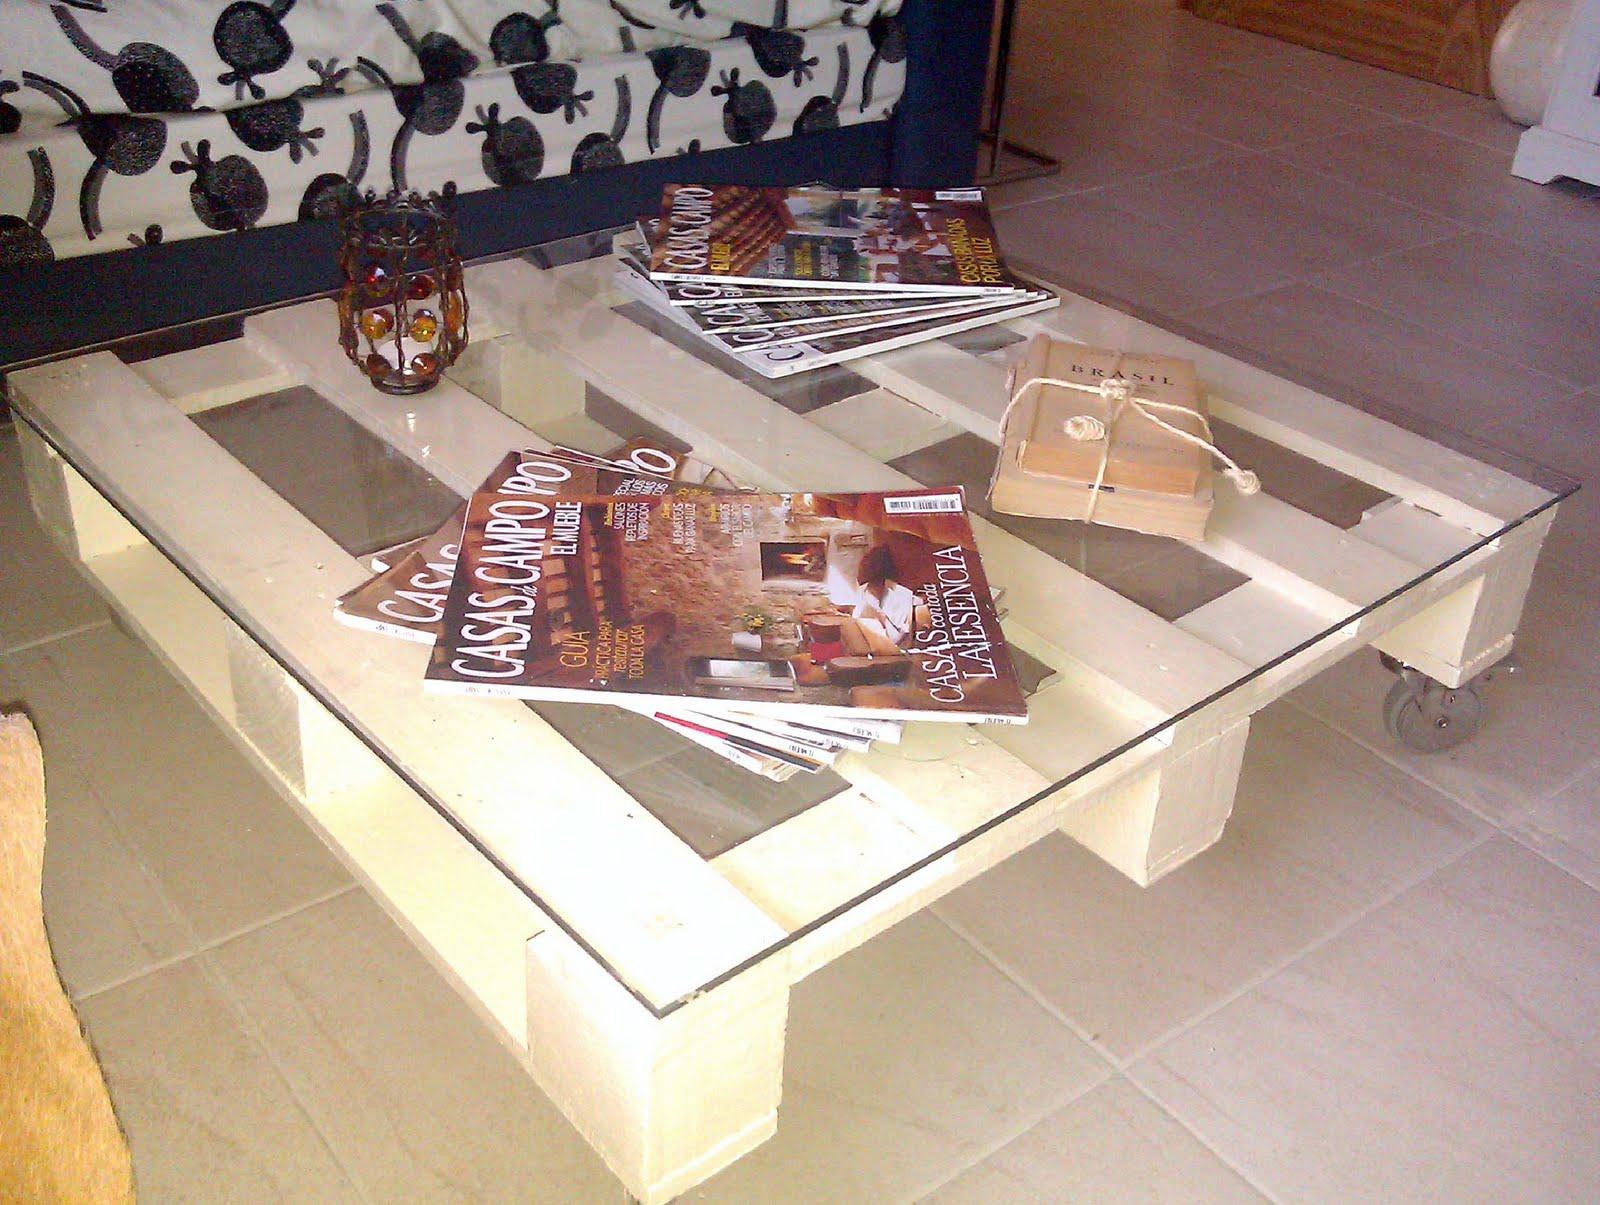 Muebles y objetos hechos con palets de madera - Palet reciclado muebles ...